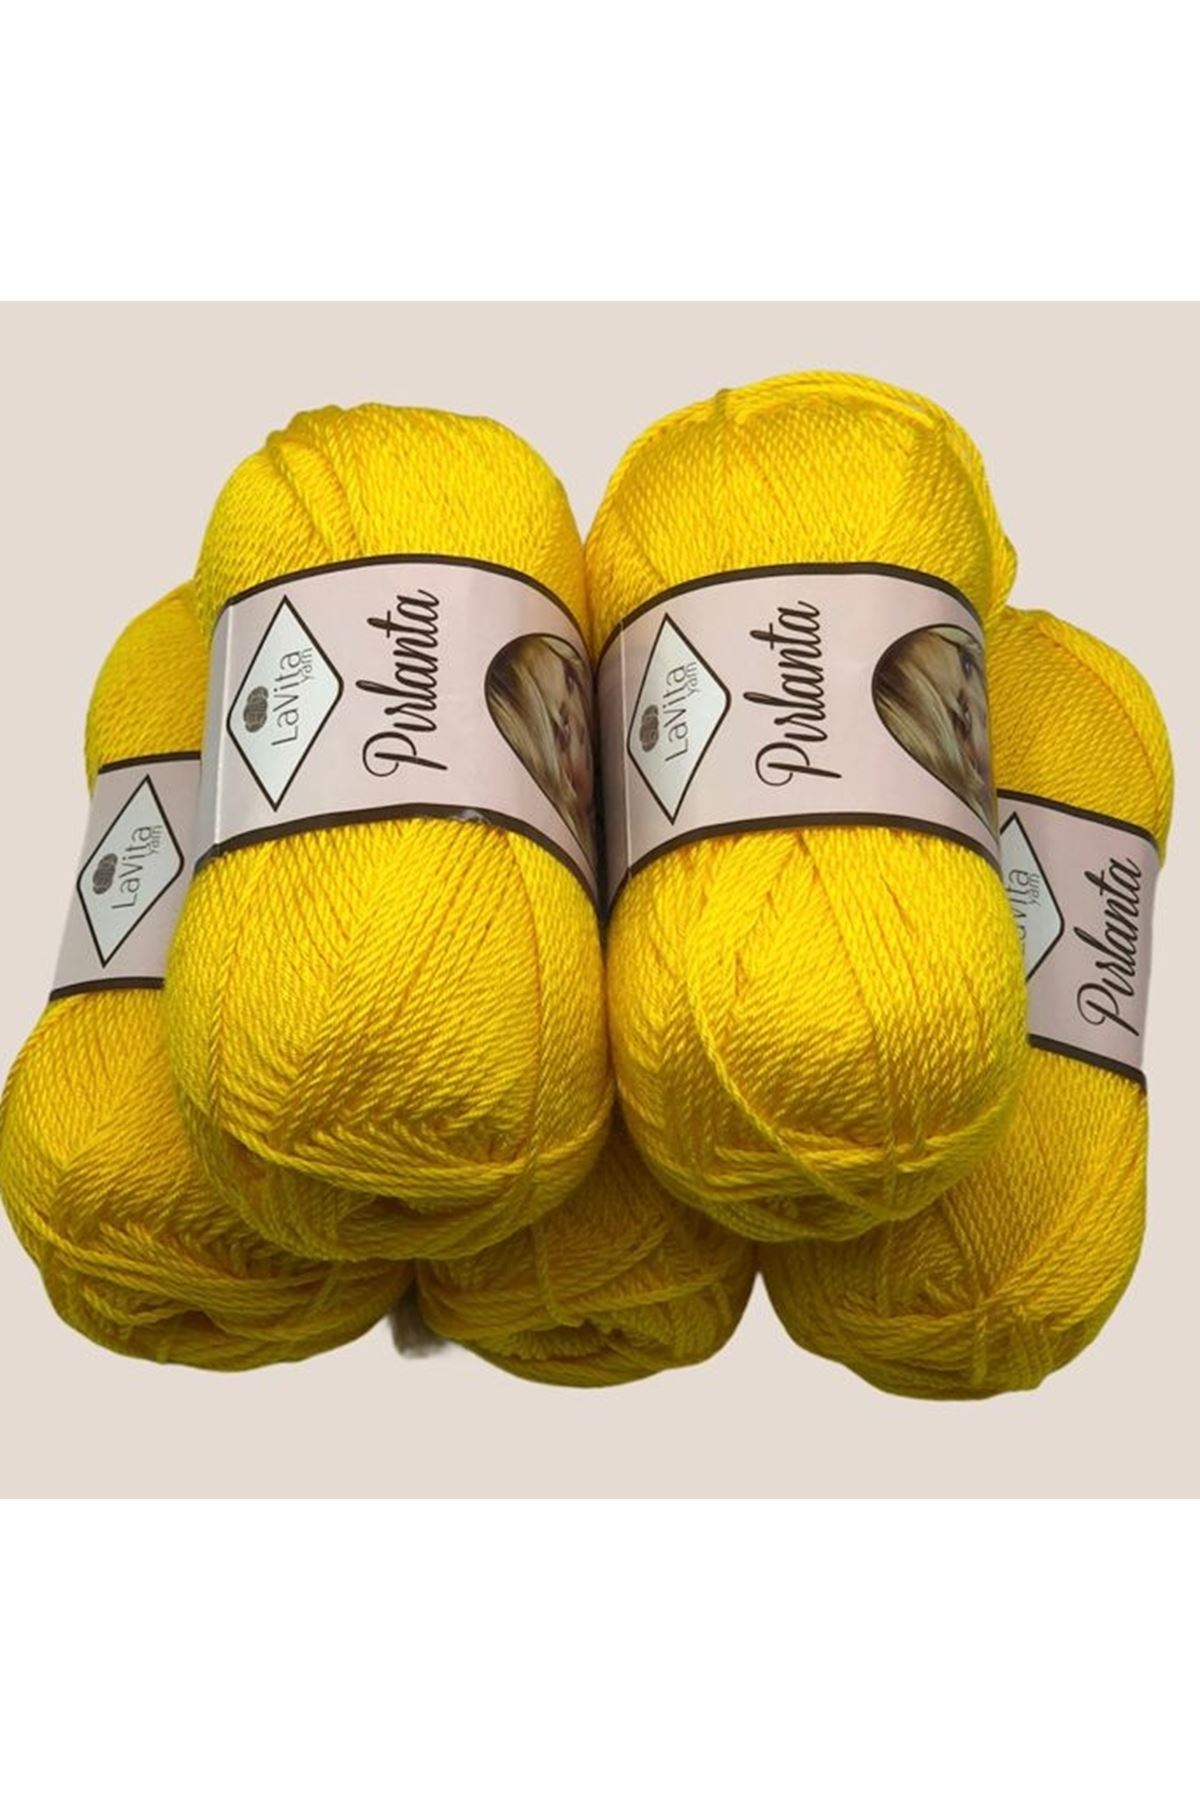 Lavita Pırlanta - 5'li Paket 9515 Sarı